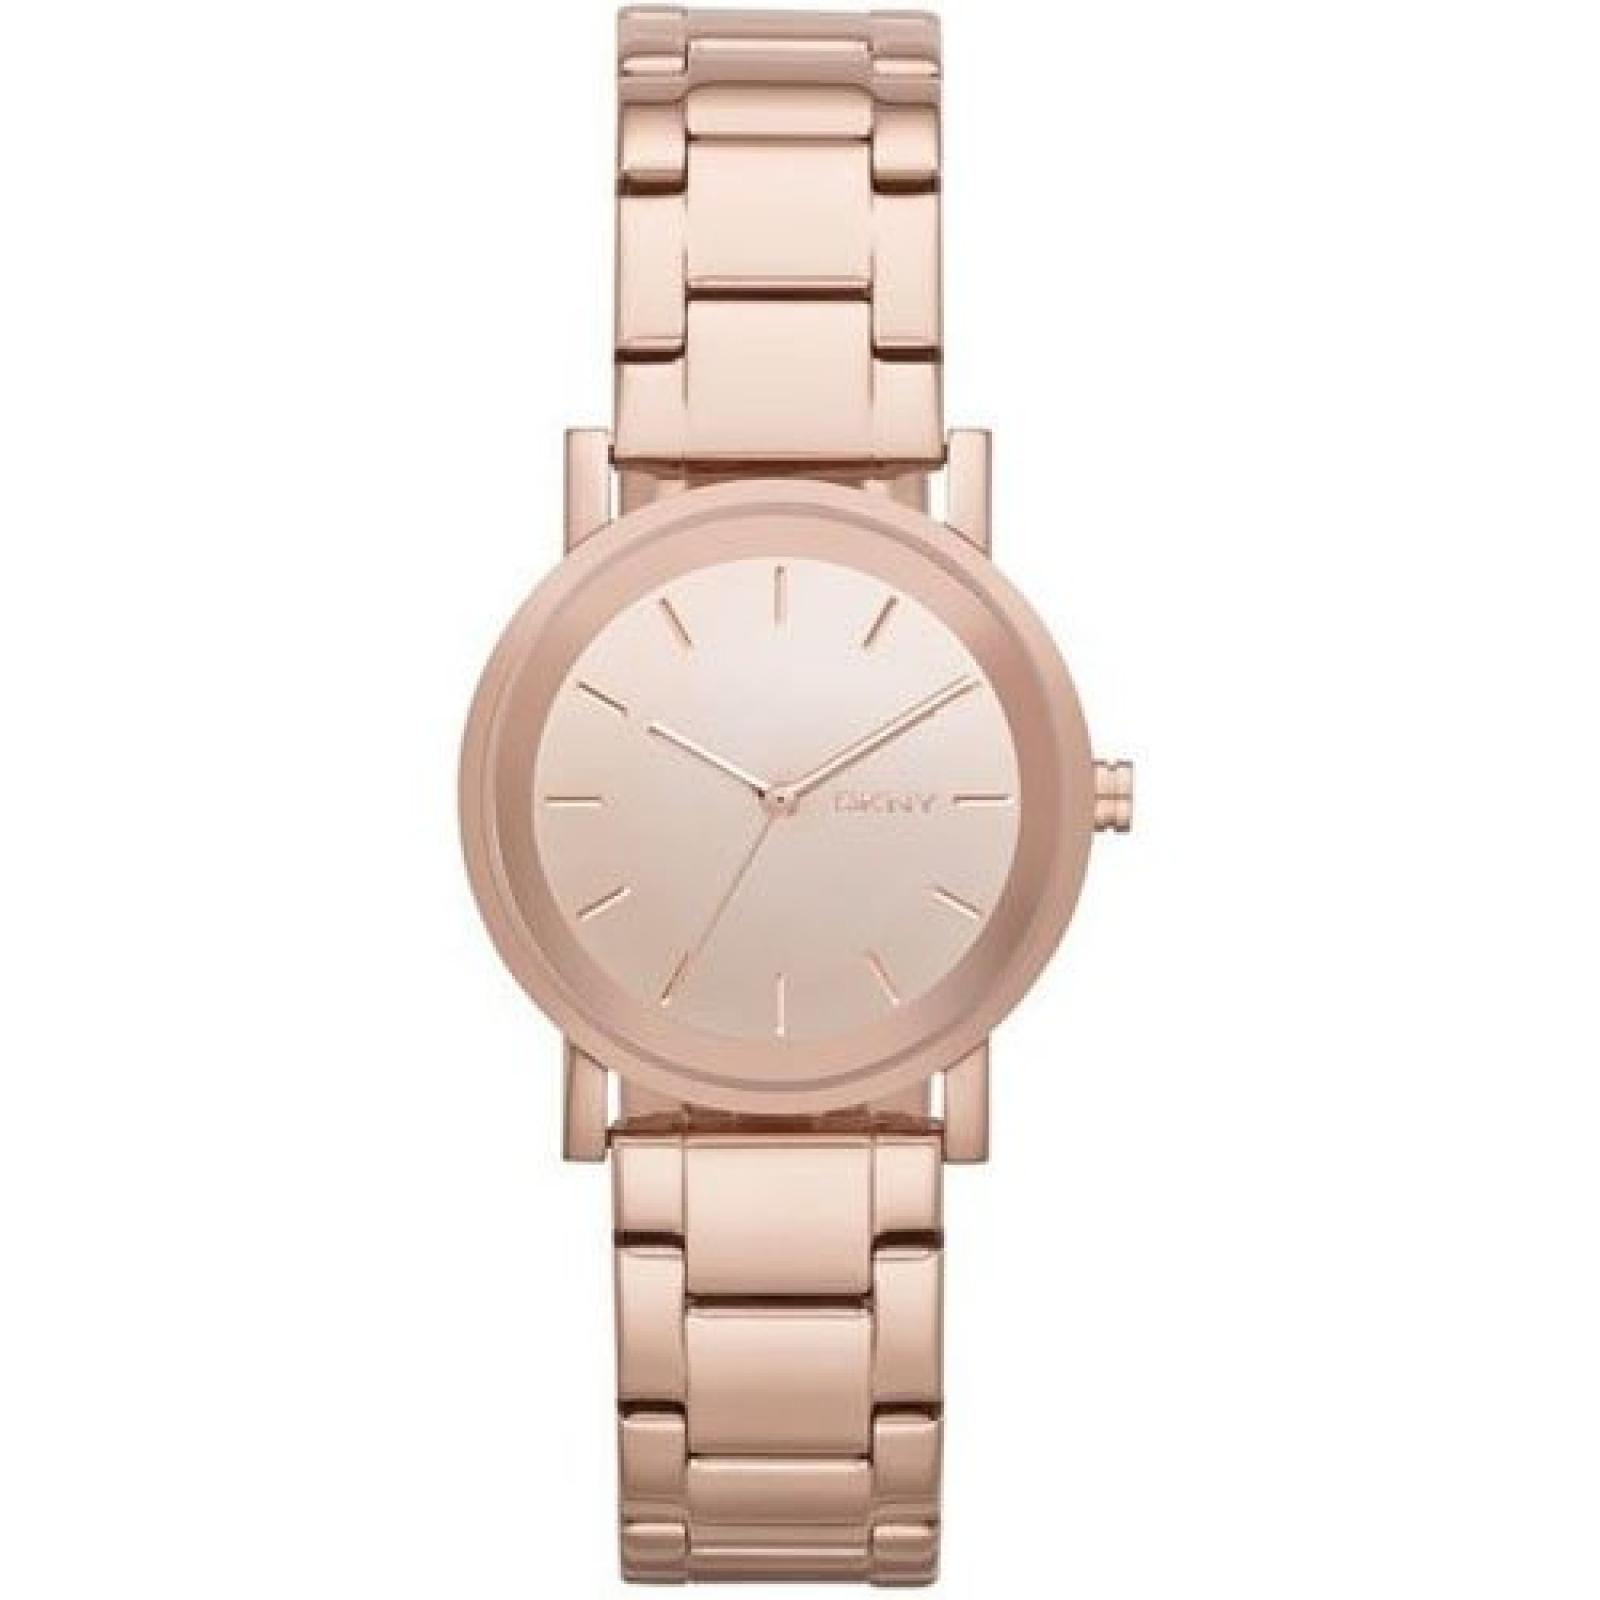 Uhr Dkny Donna Karan Soho Ny2179 Damen Rosa